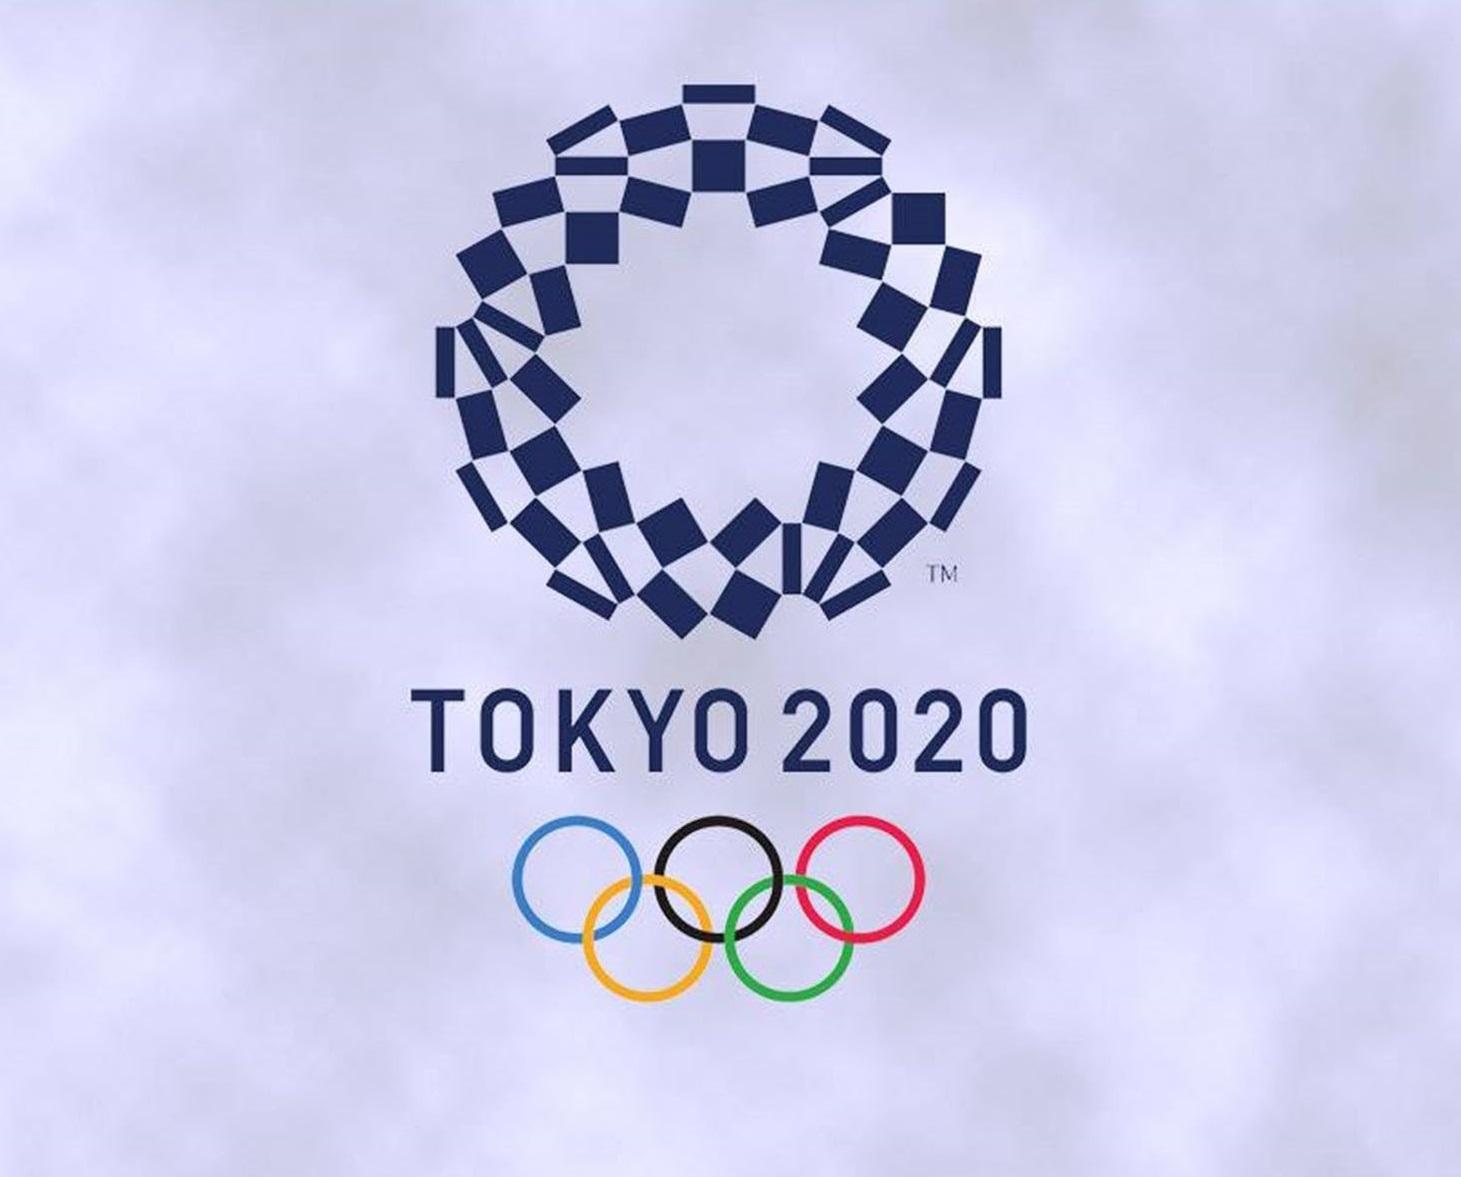 مجموع سهمیههای ورزش ایران برای المپیک توکیو به ۵۸ رسید